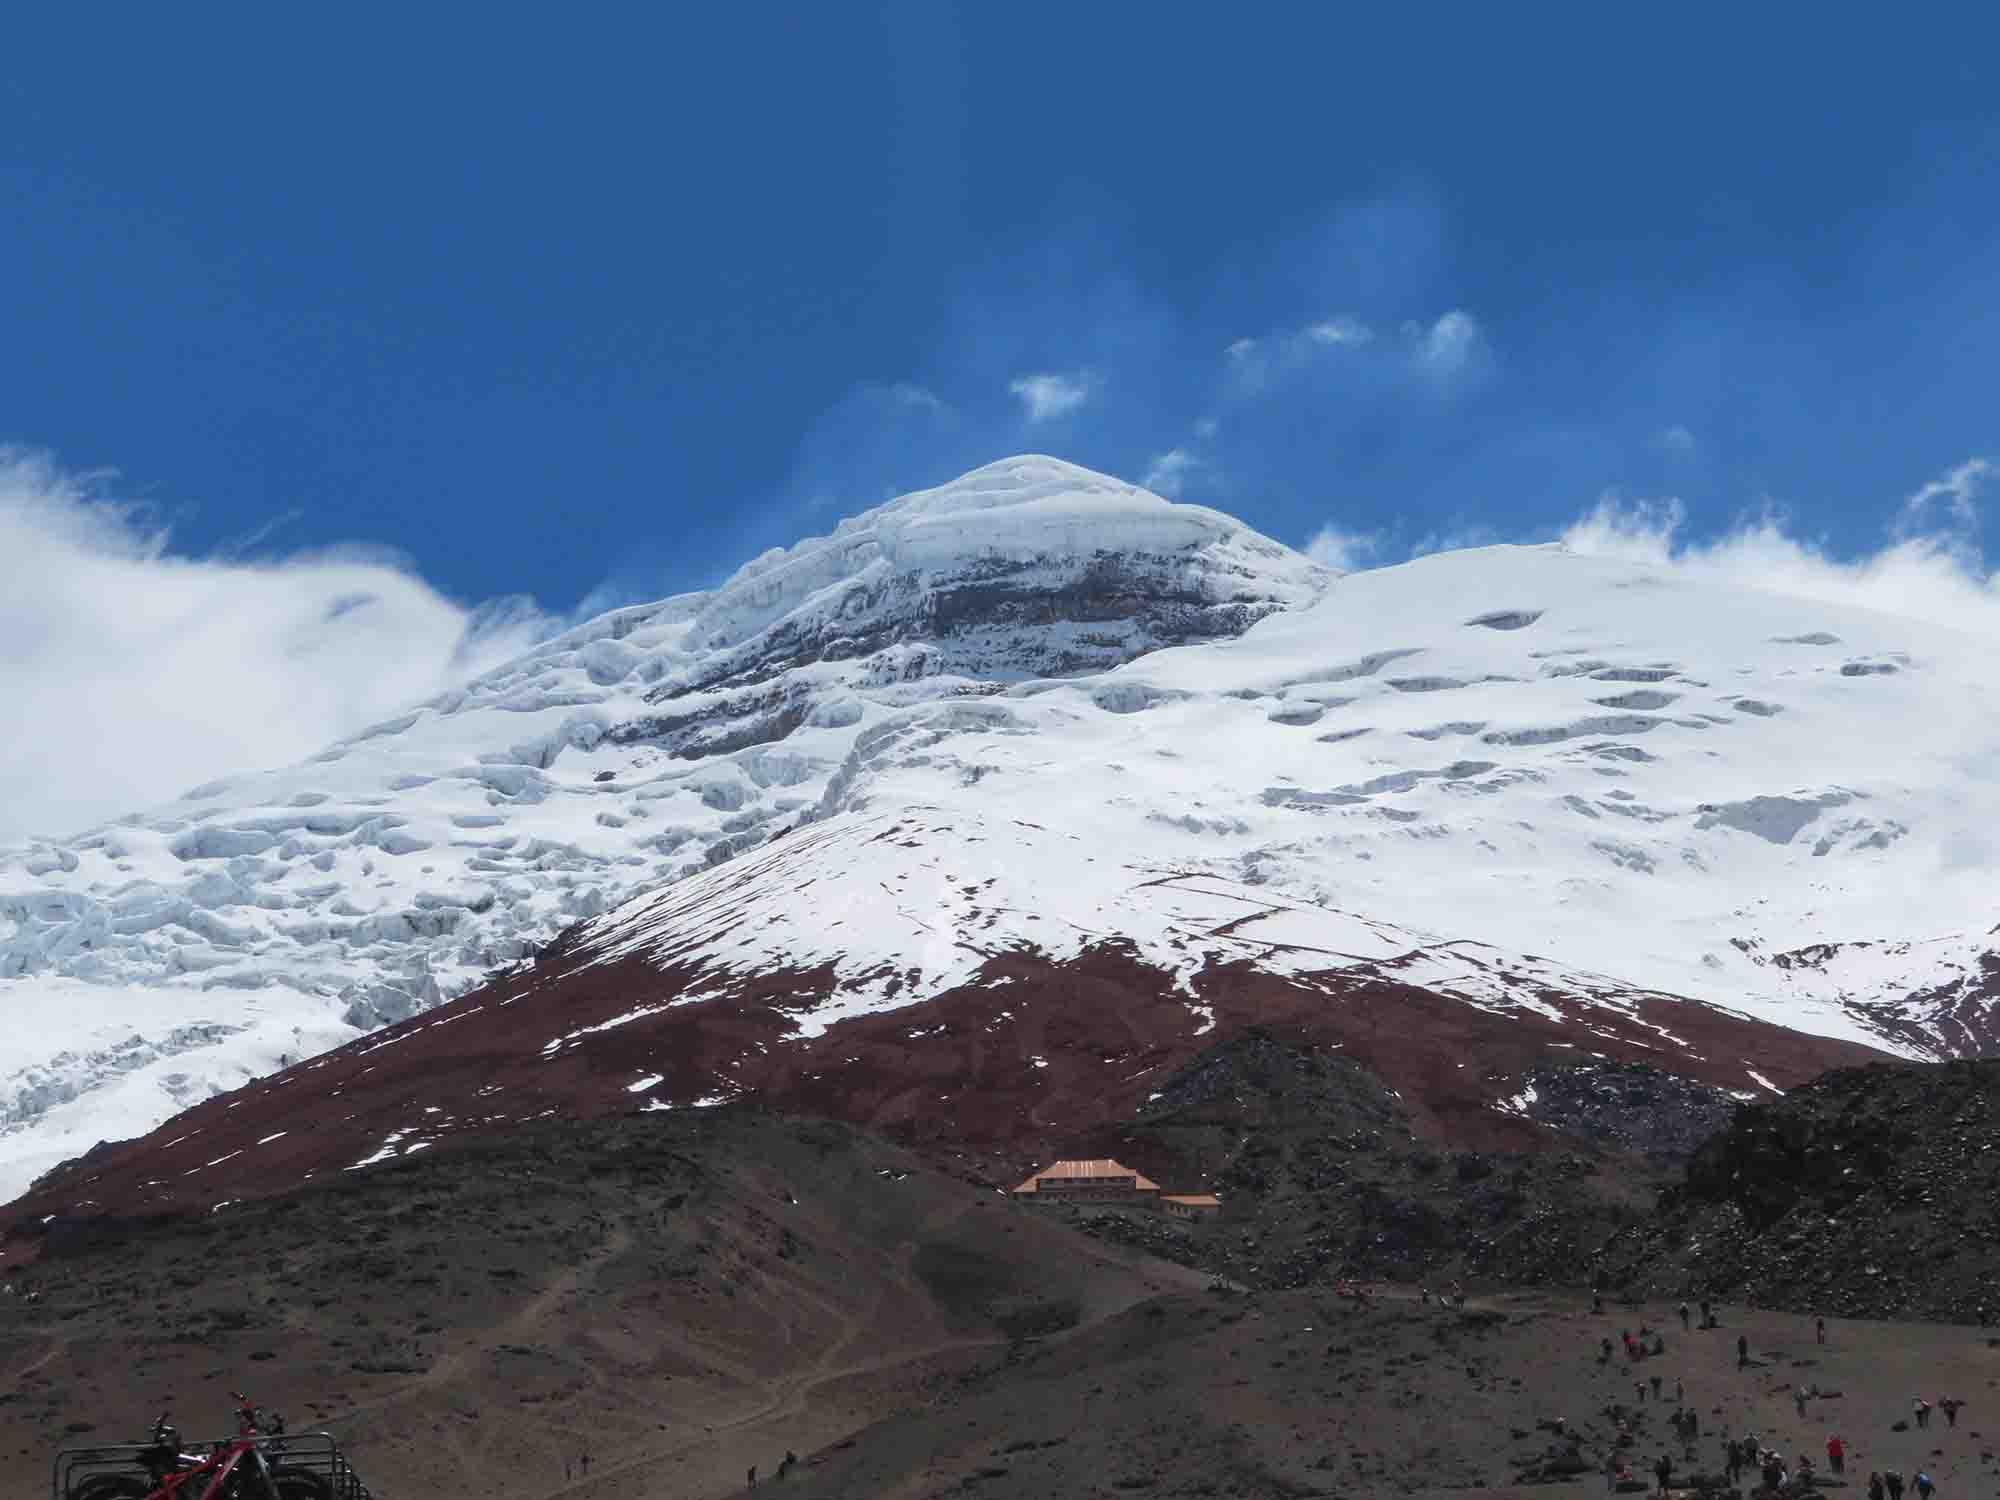 Quito Cotopaxi, Ecuador, Blue Sky and Wine Travel Blog